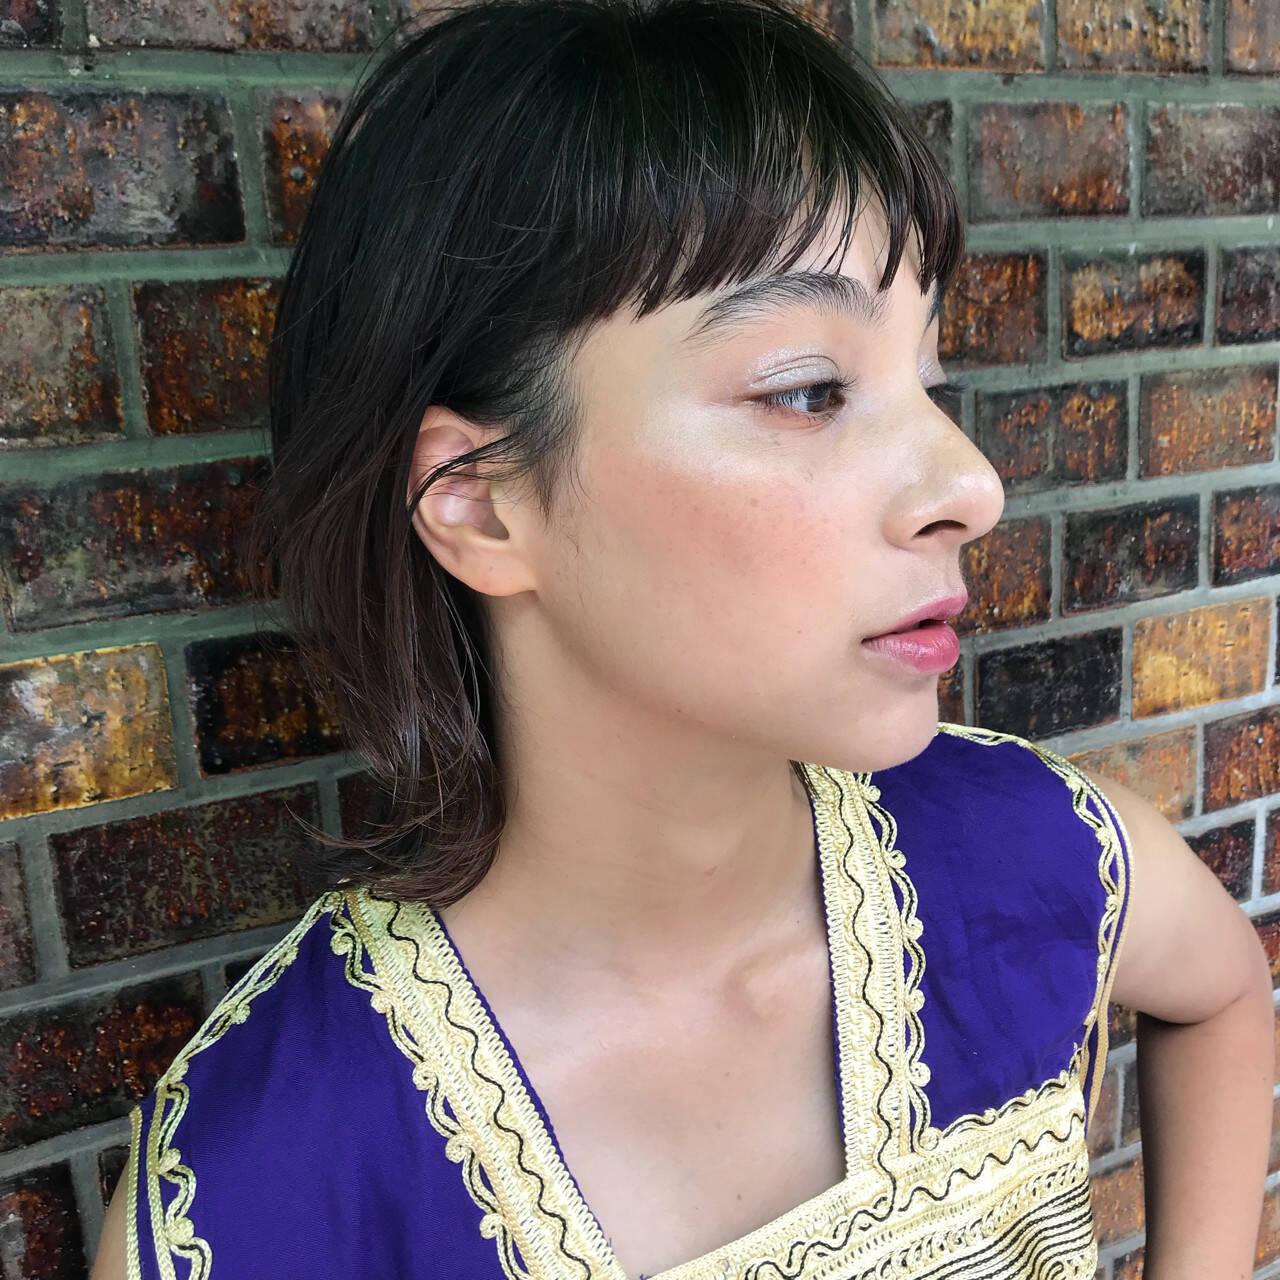 ウェットヘア 抜け感 女子力 レイヤーカットヘアスタイルや髪型の写真・画像